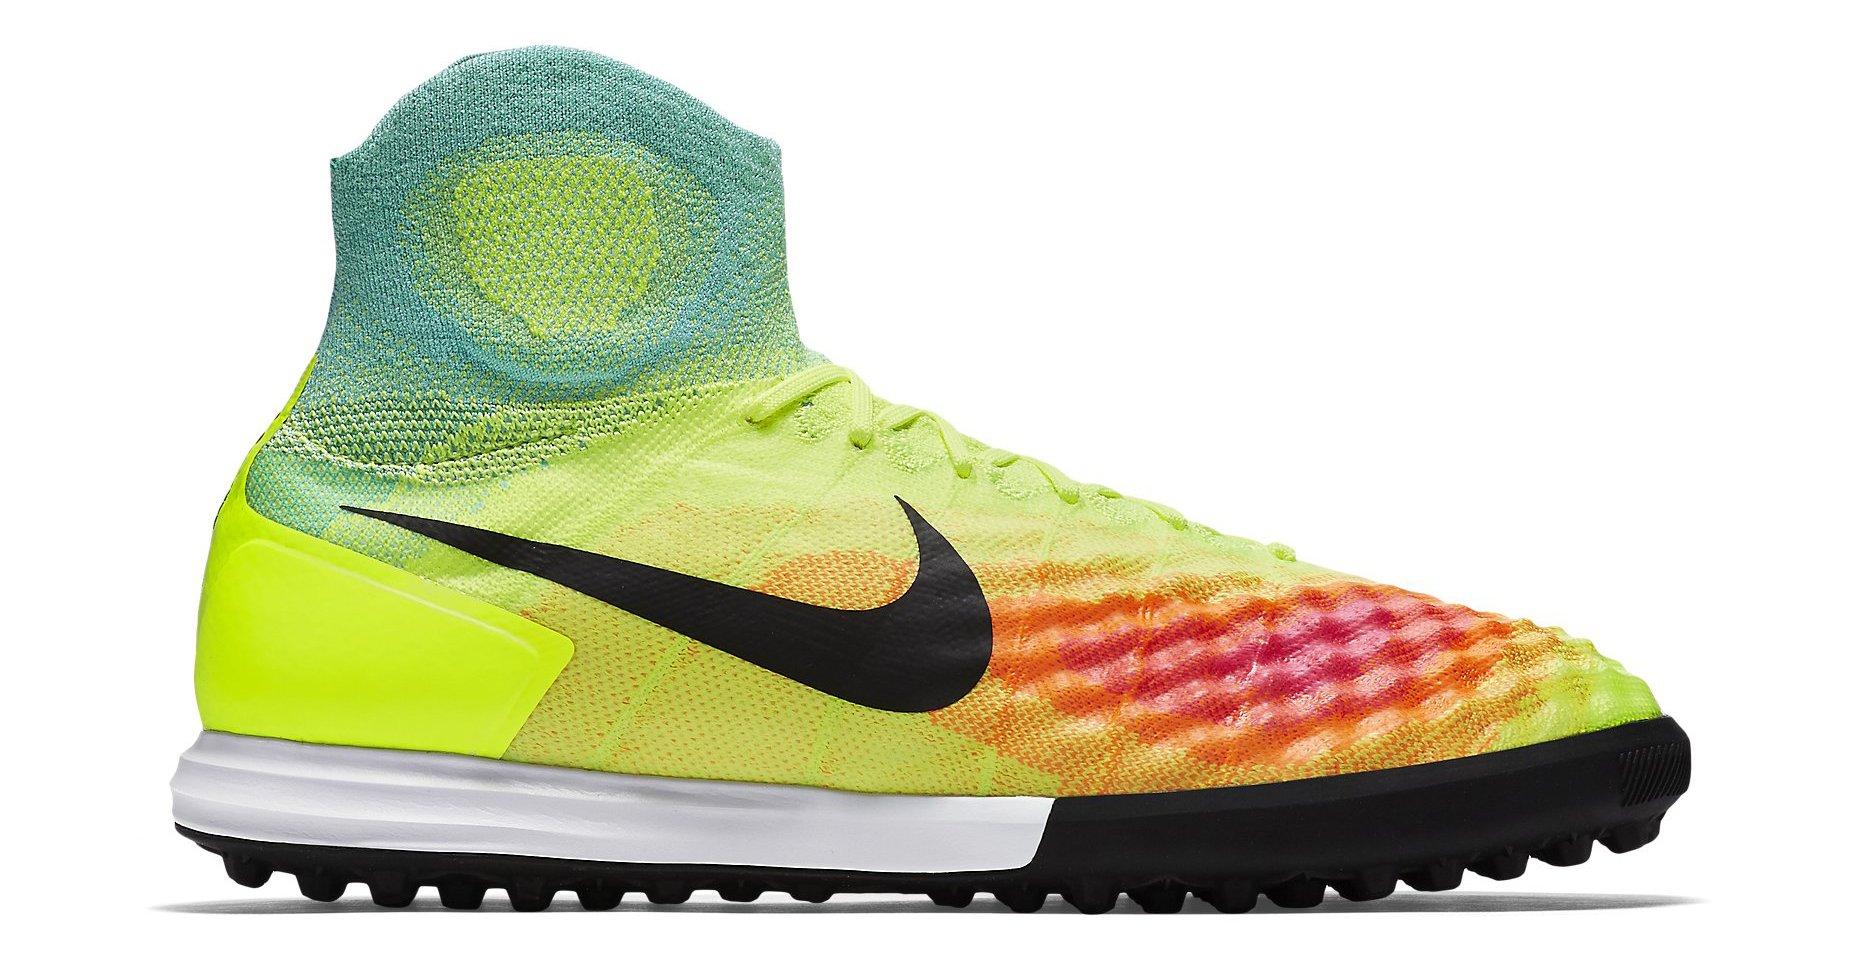 Kopačky Nike MagistaX Proximo II TF